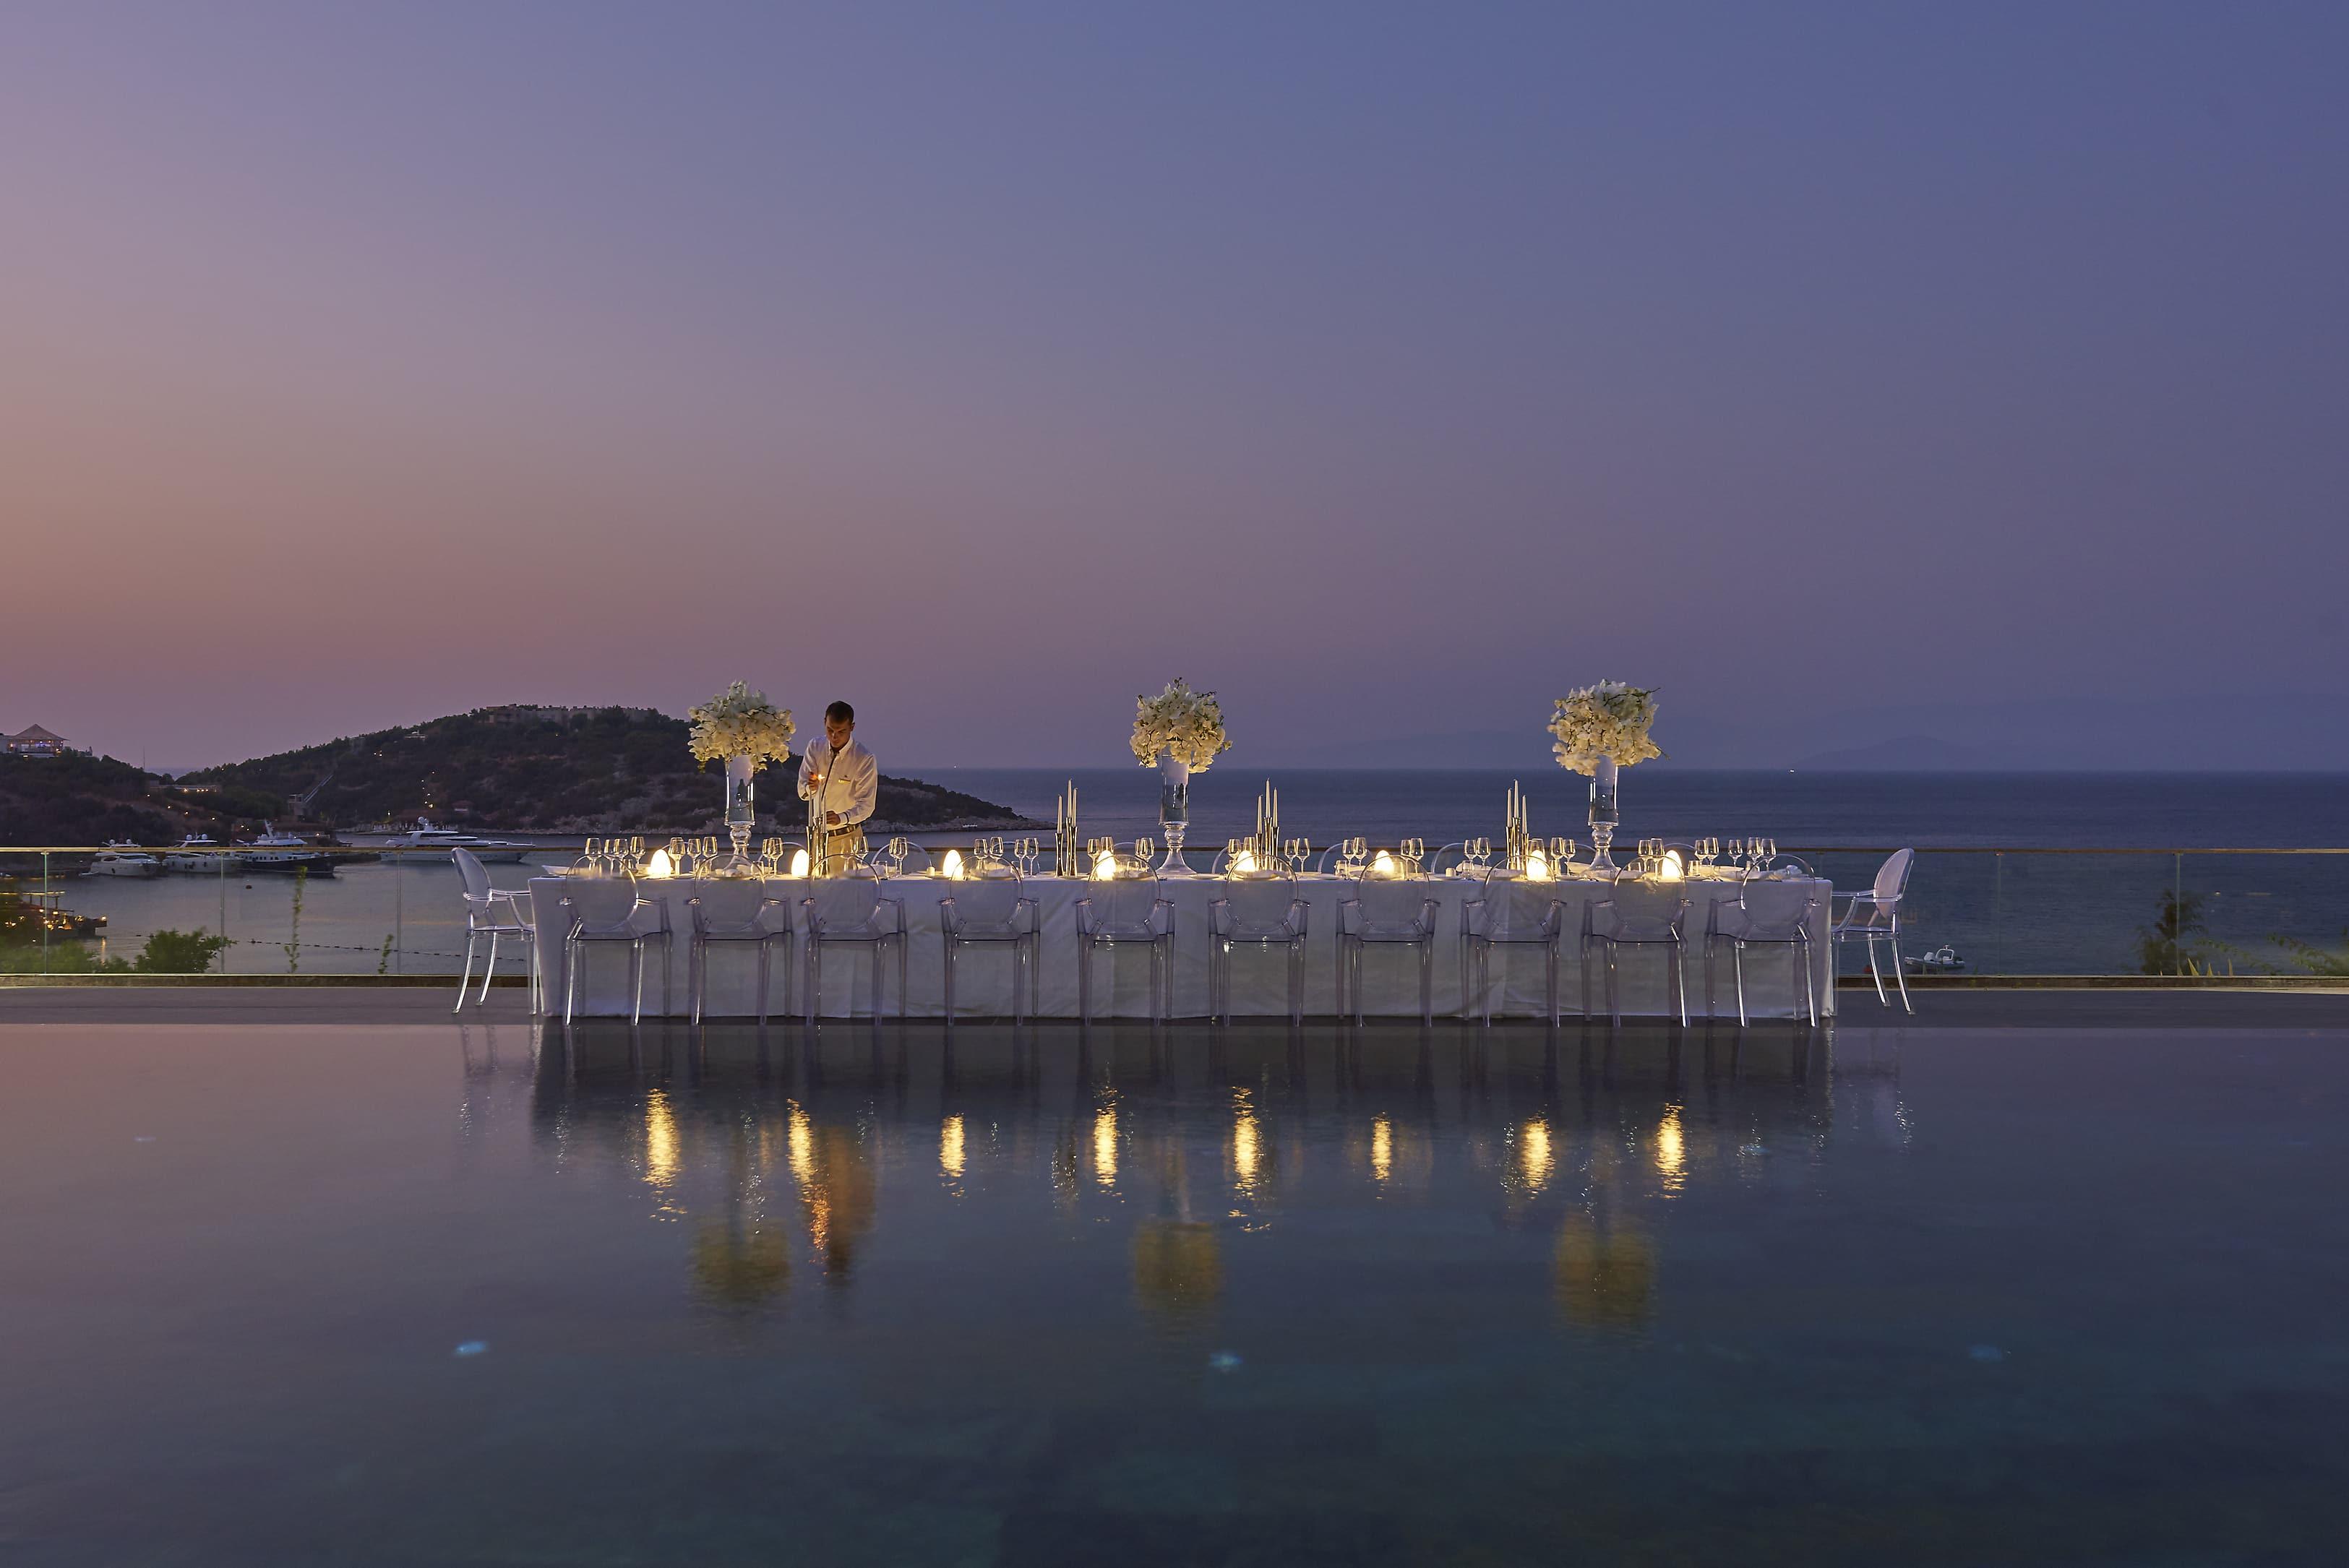 愛琴海樂團|在線上討論愛琴海樂團瞭解逢甲愛琴海以及逢甲愛琴海…_插圖